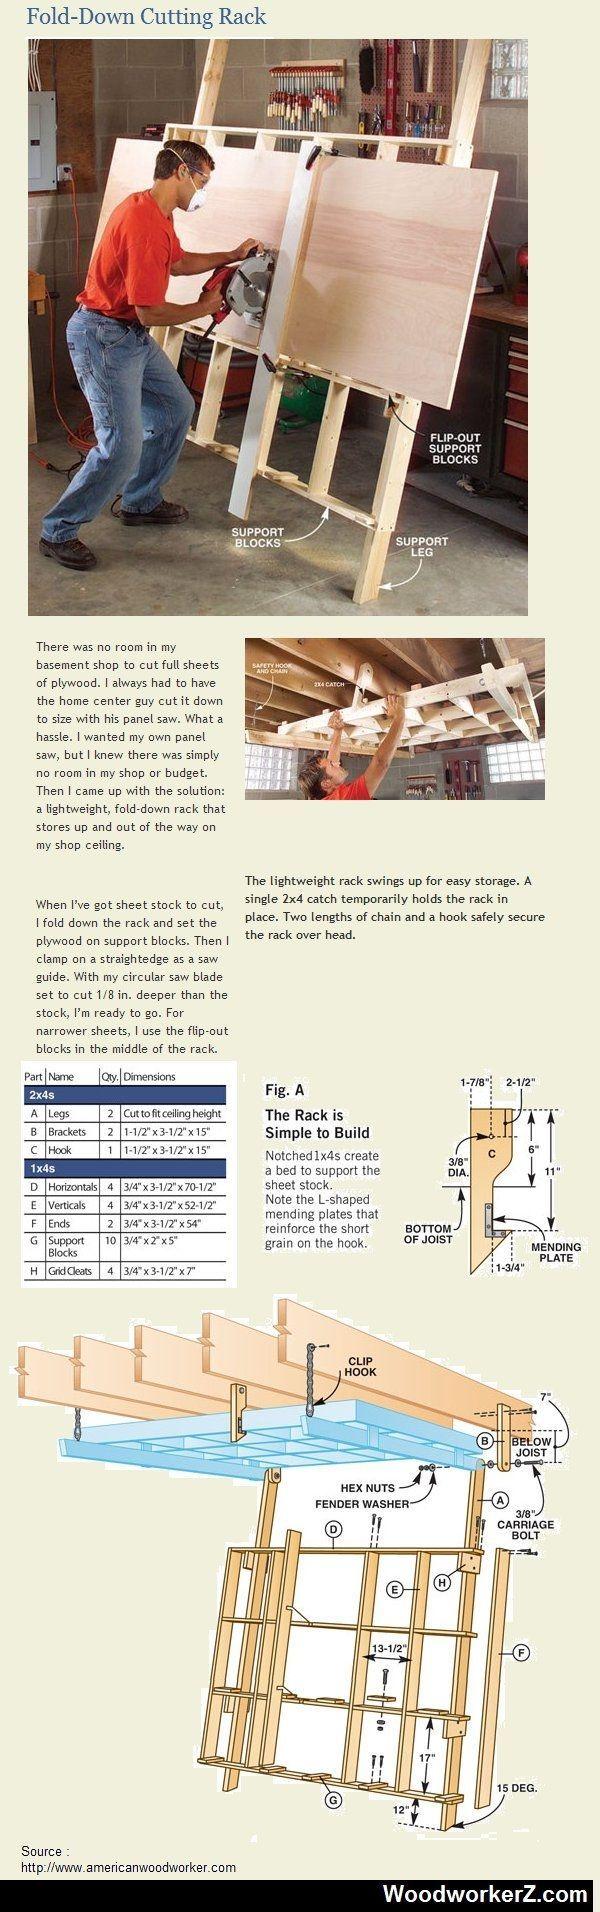 travail du bois photo combine outil bois pinterest travail du bois travaux et bois. Black Bedroom Furniture Sets. Home Design Ideas